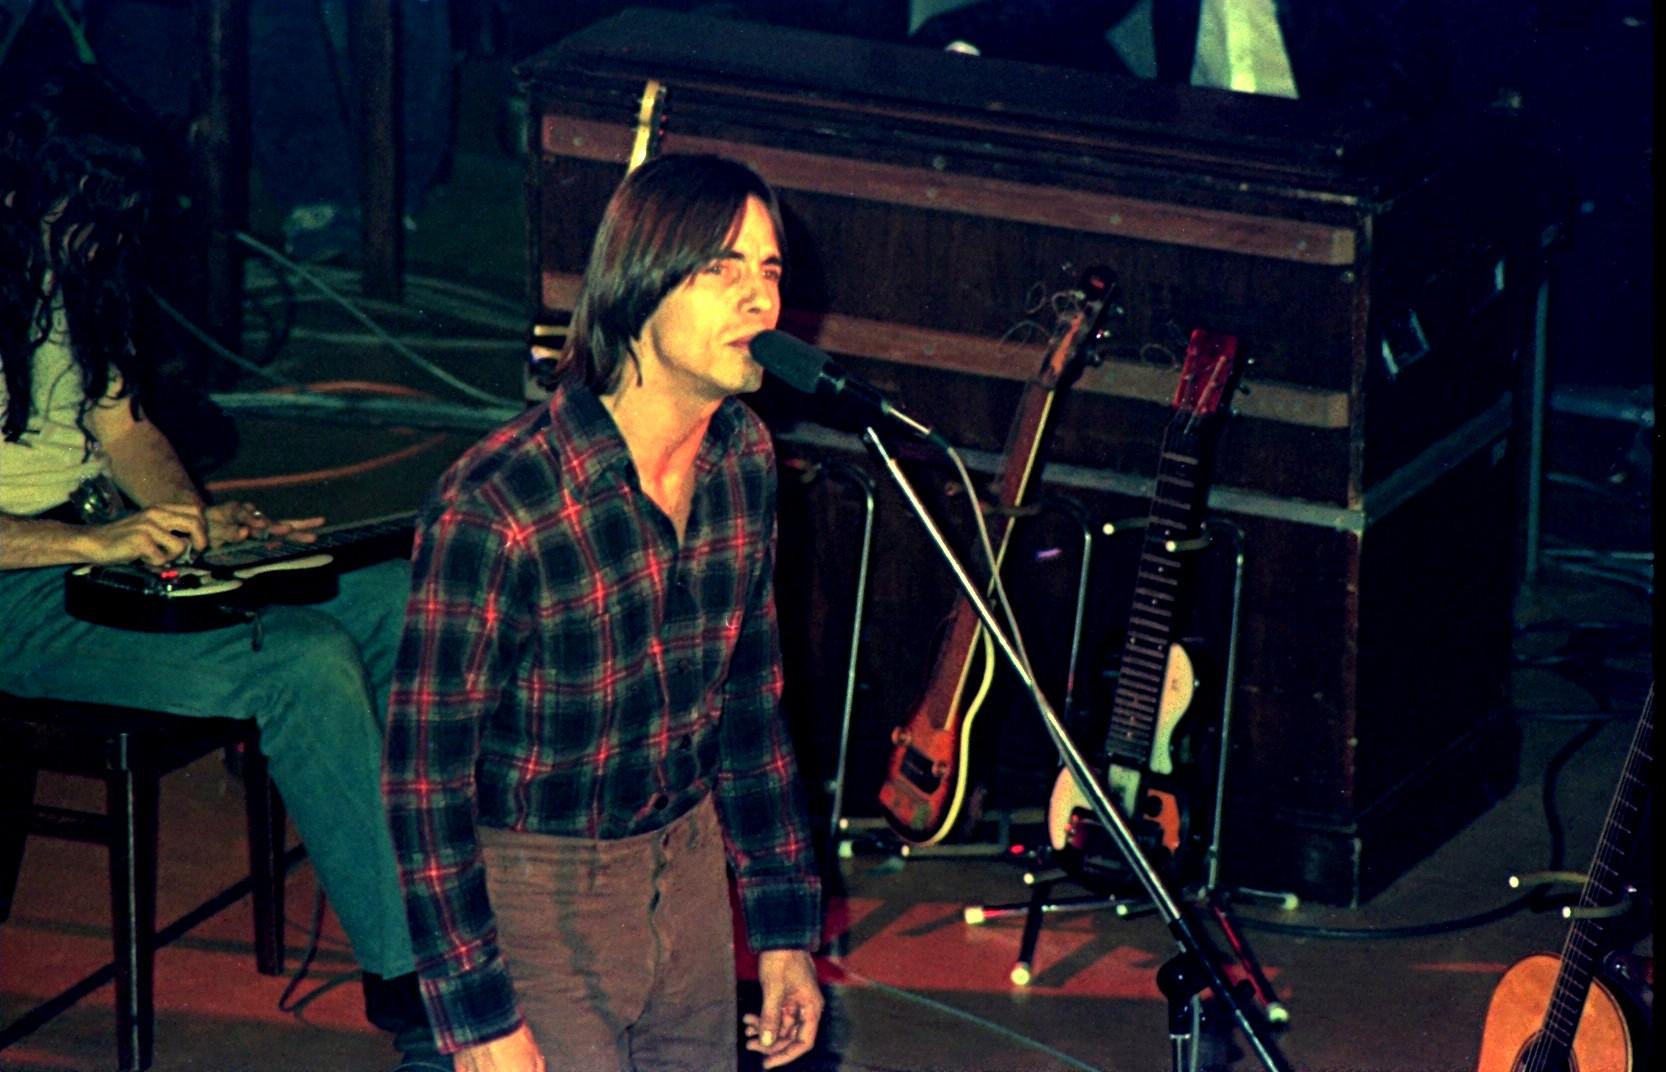 Browne en un concierto en 1976 en Hamburgo, Alemania, al micrófono con David Lindley, a quién se ve en la sombra a la izquierda del escenario tocando la guitarra lap steel.